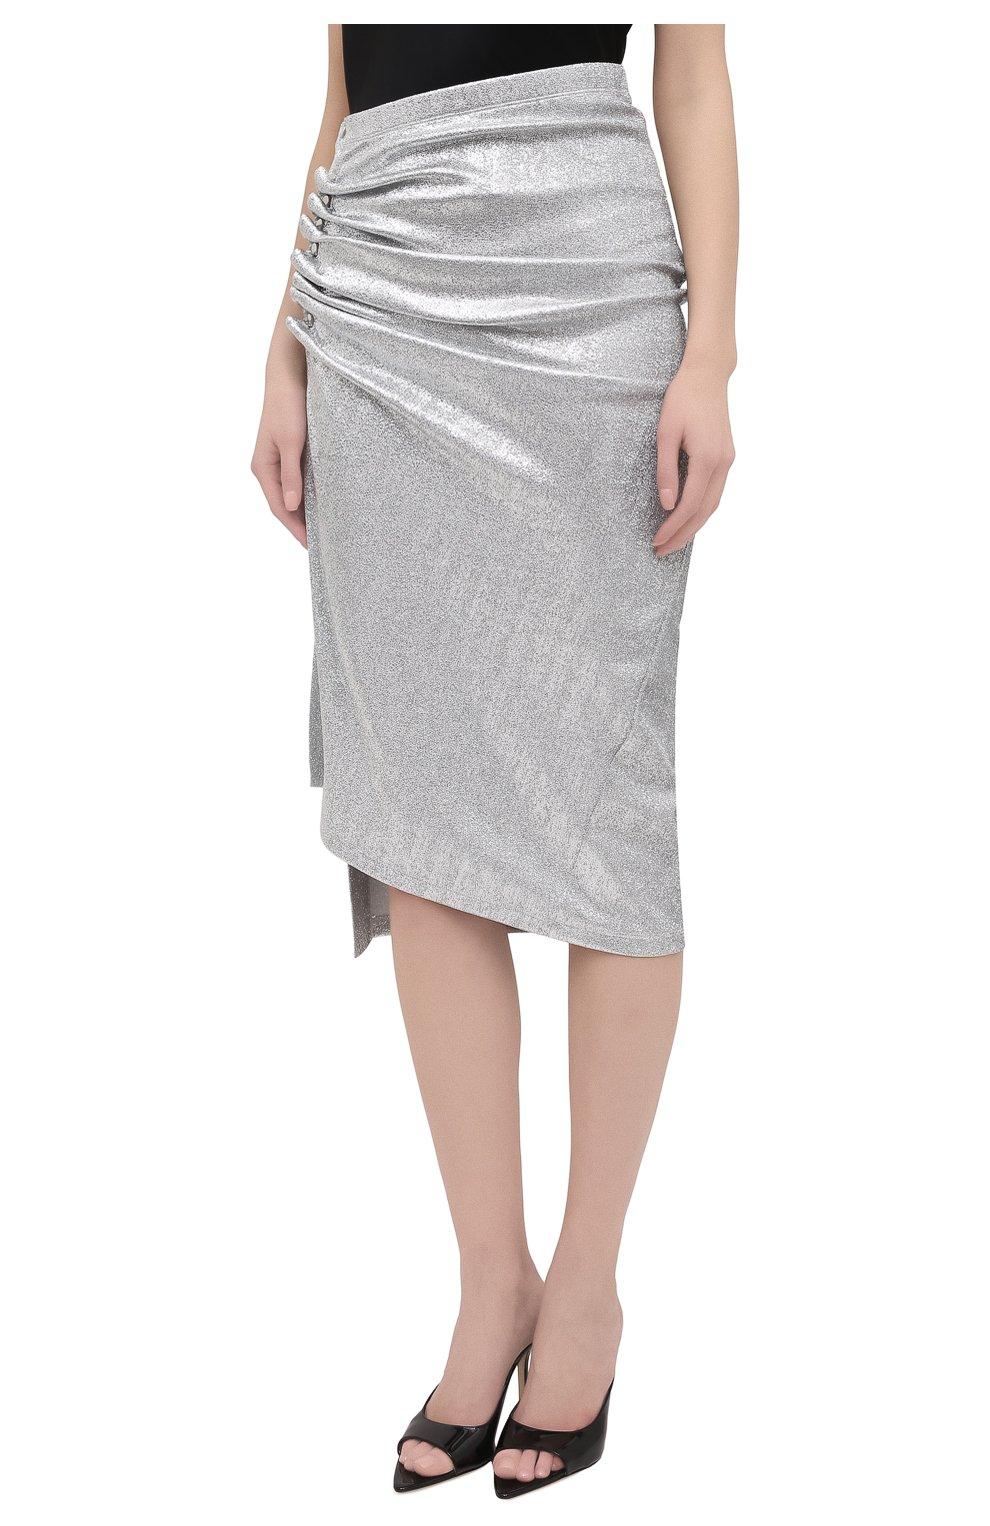 Женская юбка из вискозы PACO RABANNE серебряного цвета, арт. 20PJJU007VI0222 | Фото 3